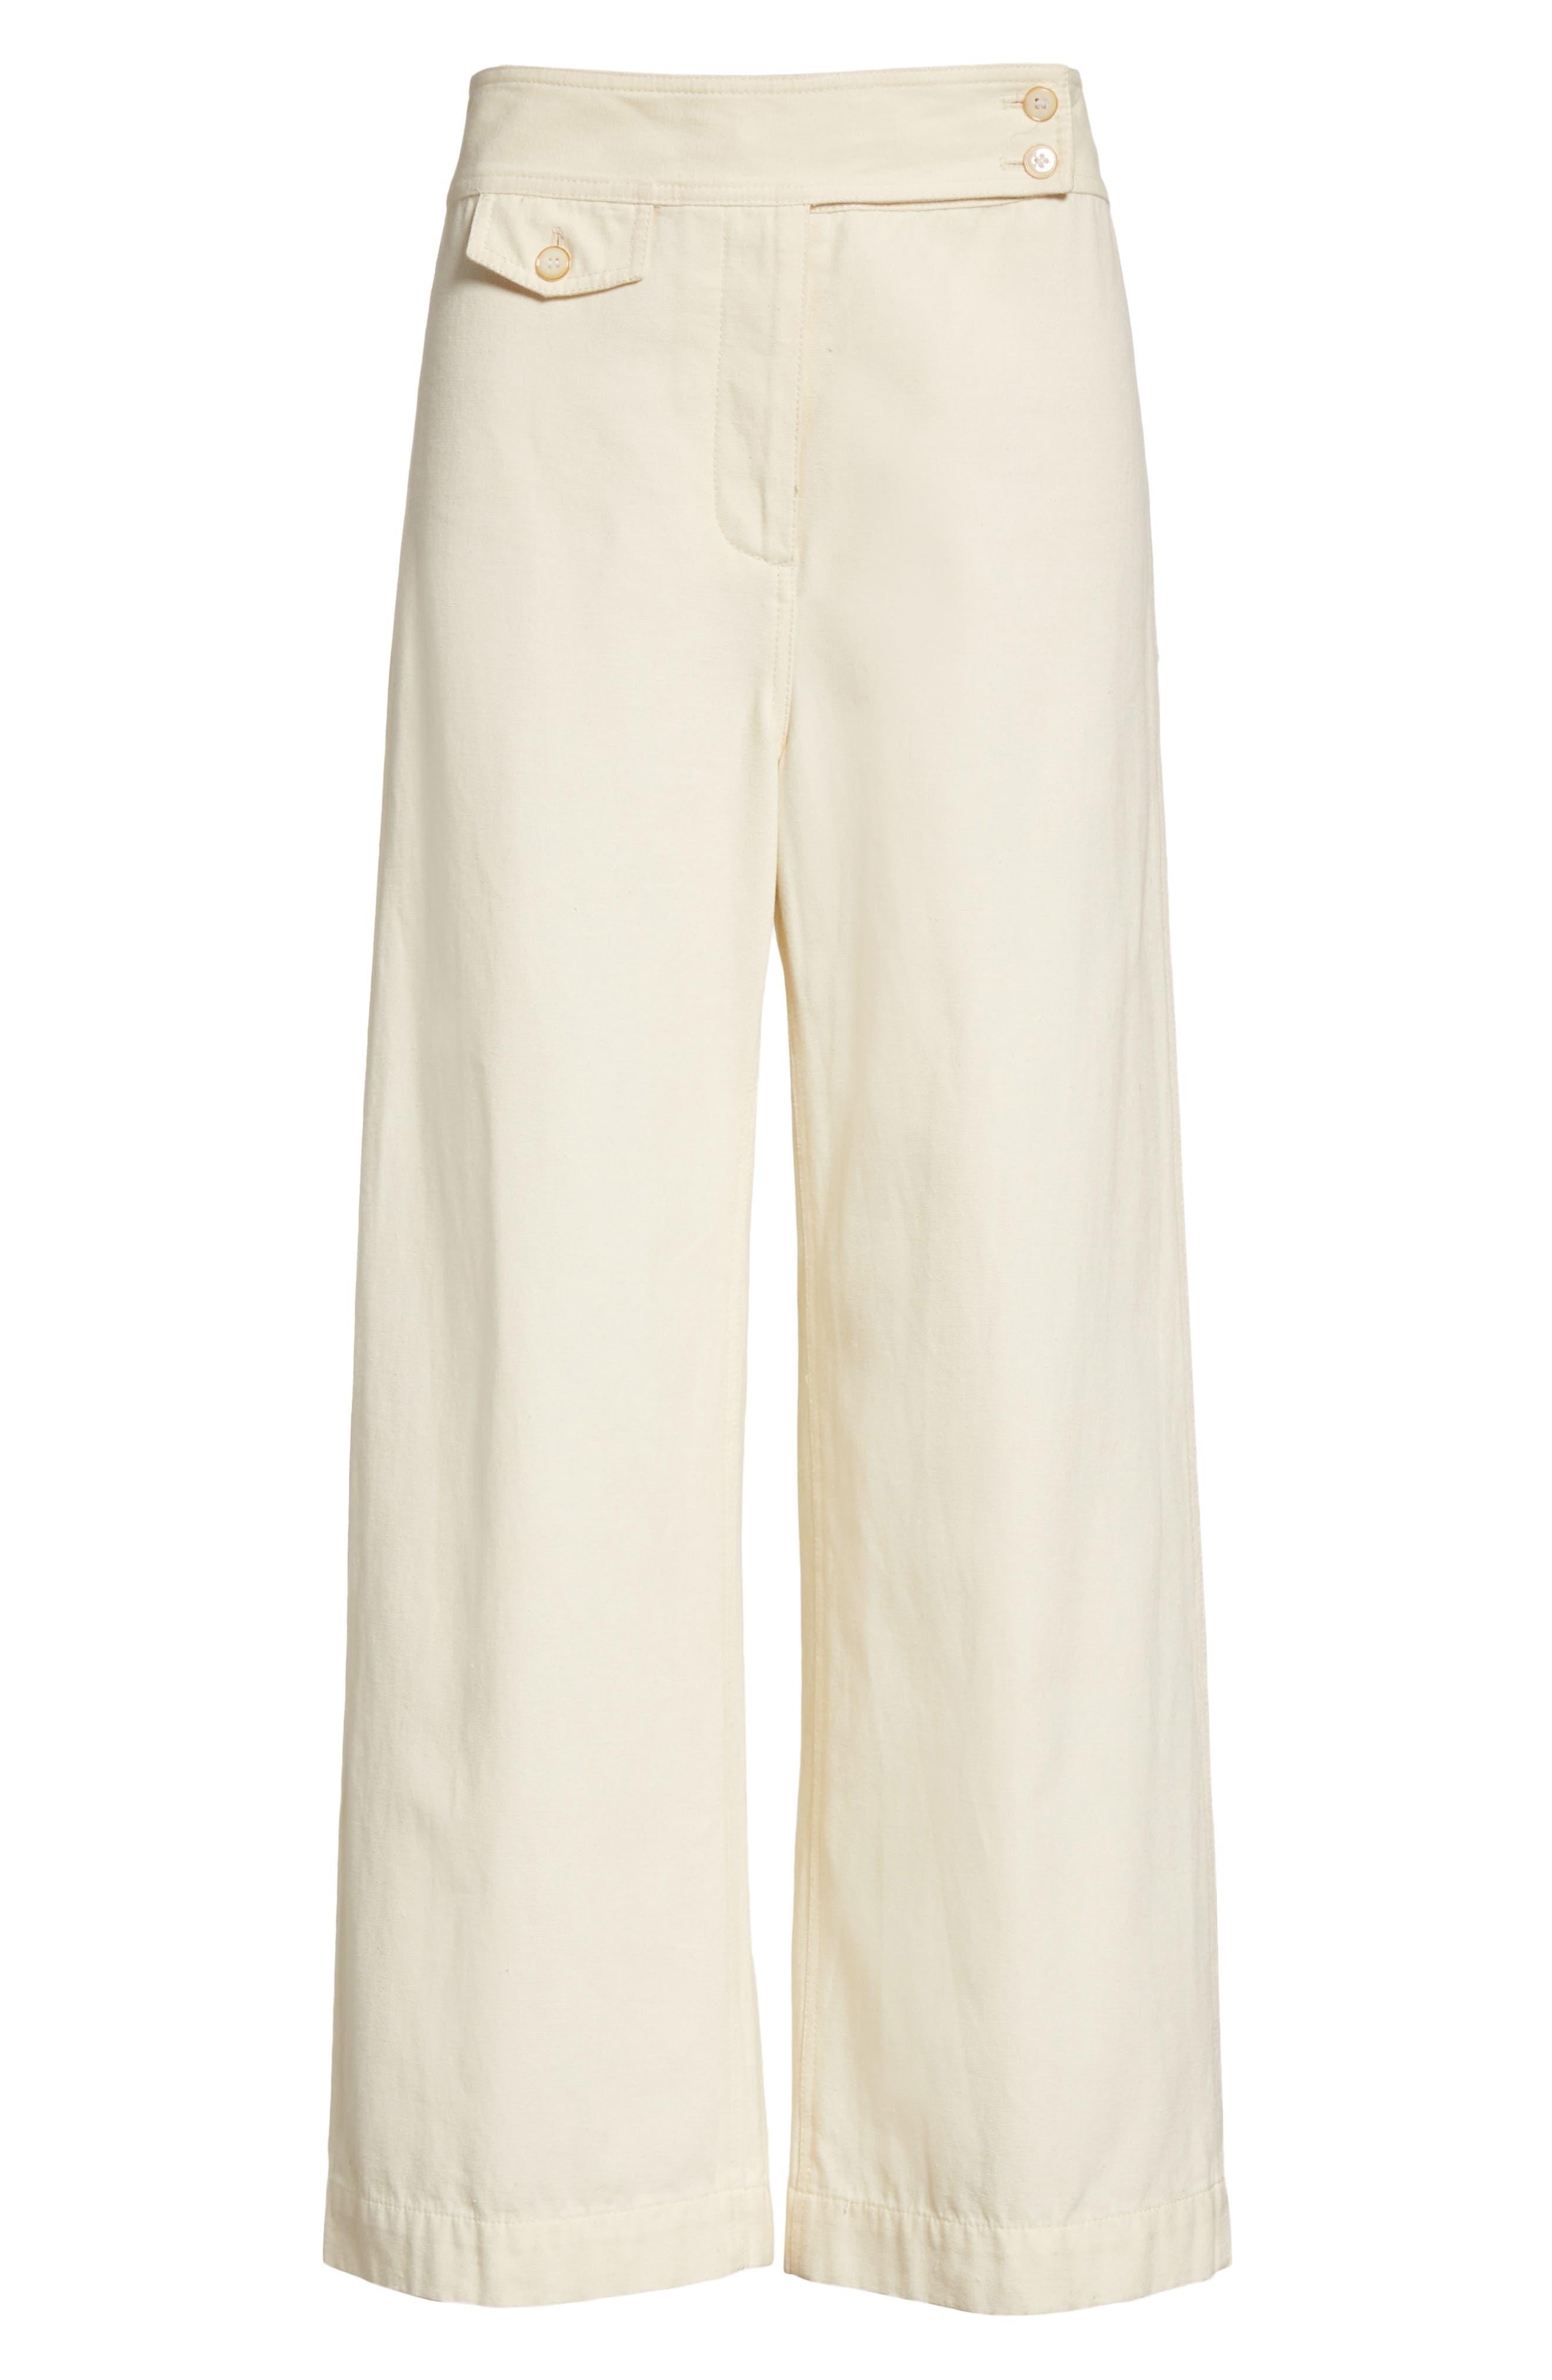 Caymen Cotton Gaucho Pants,                             Alternate thumbnail 6, color,